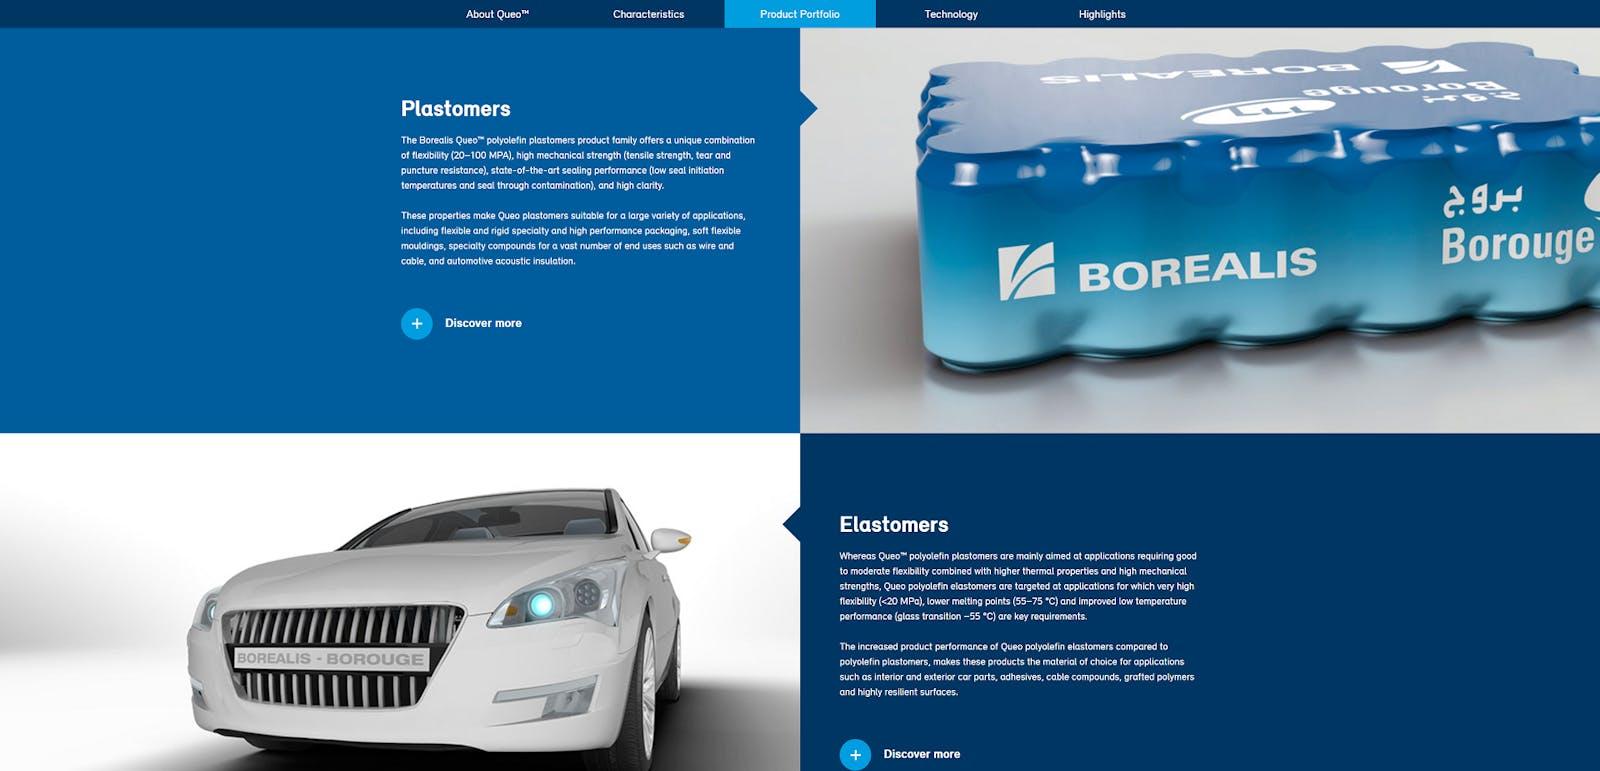 Borealis Queo webpage